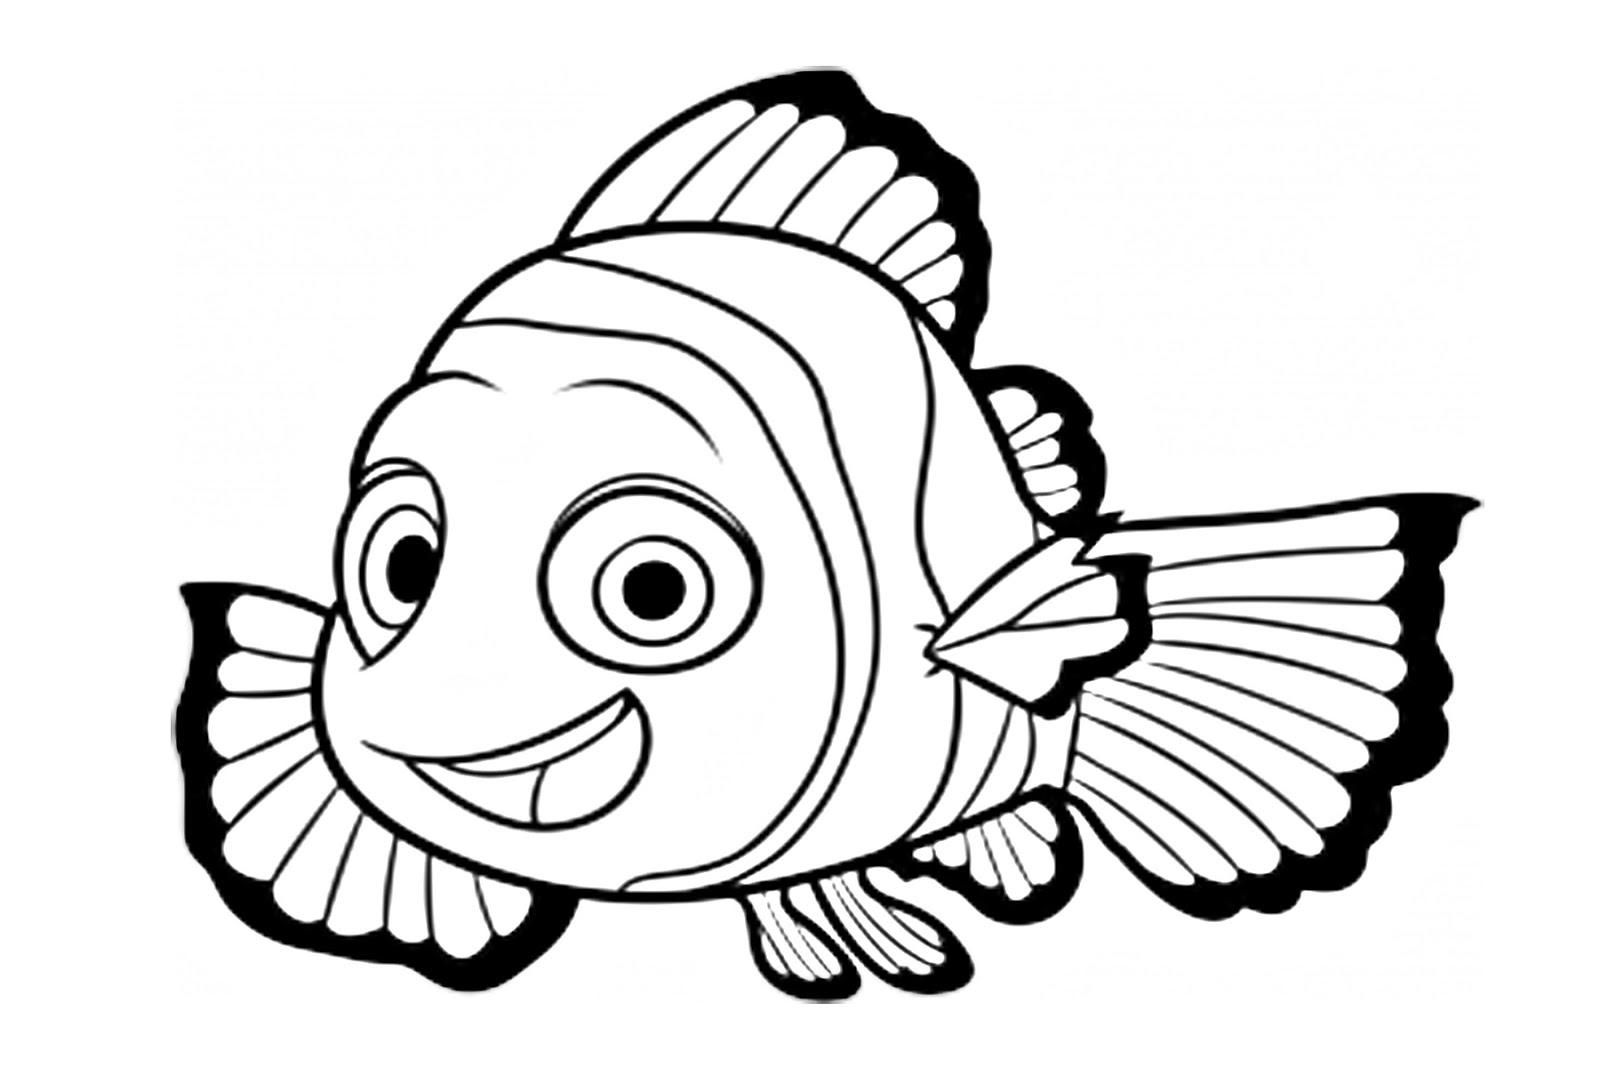 Buscando A Dory Para Colorear E Imprimir: Pinto Dibujos: Nemo Para Colorear